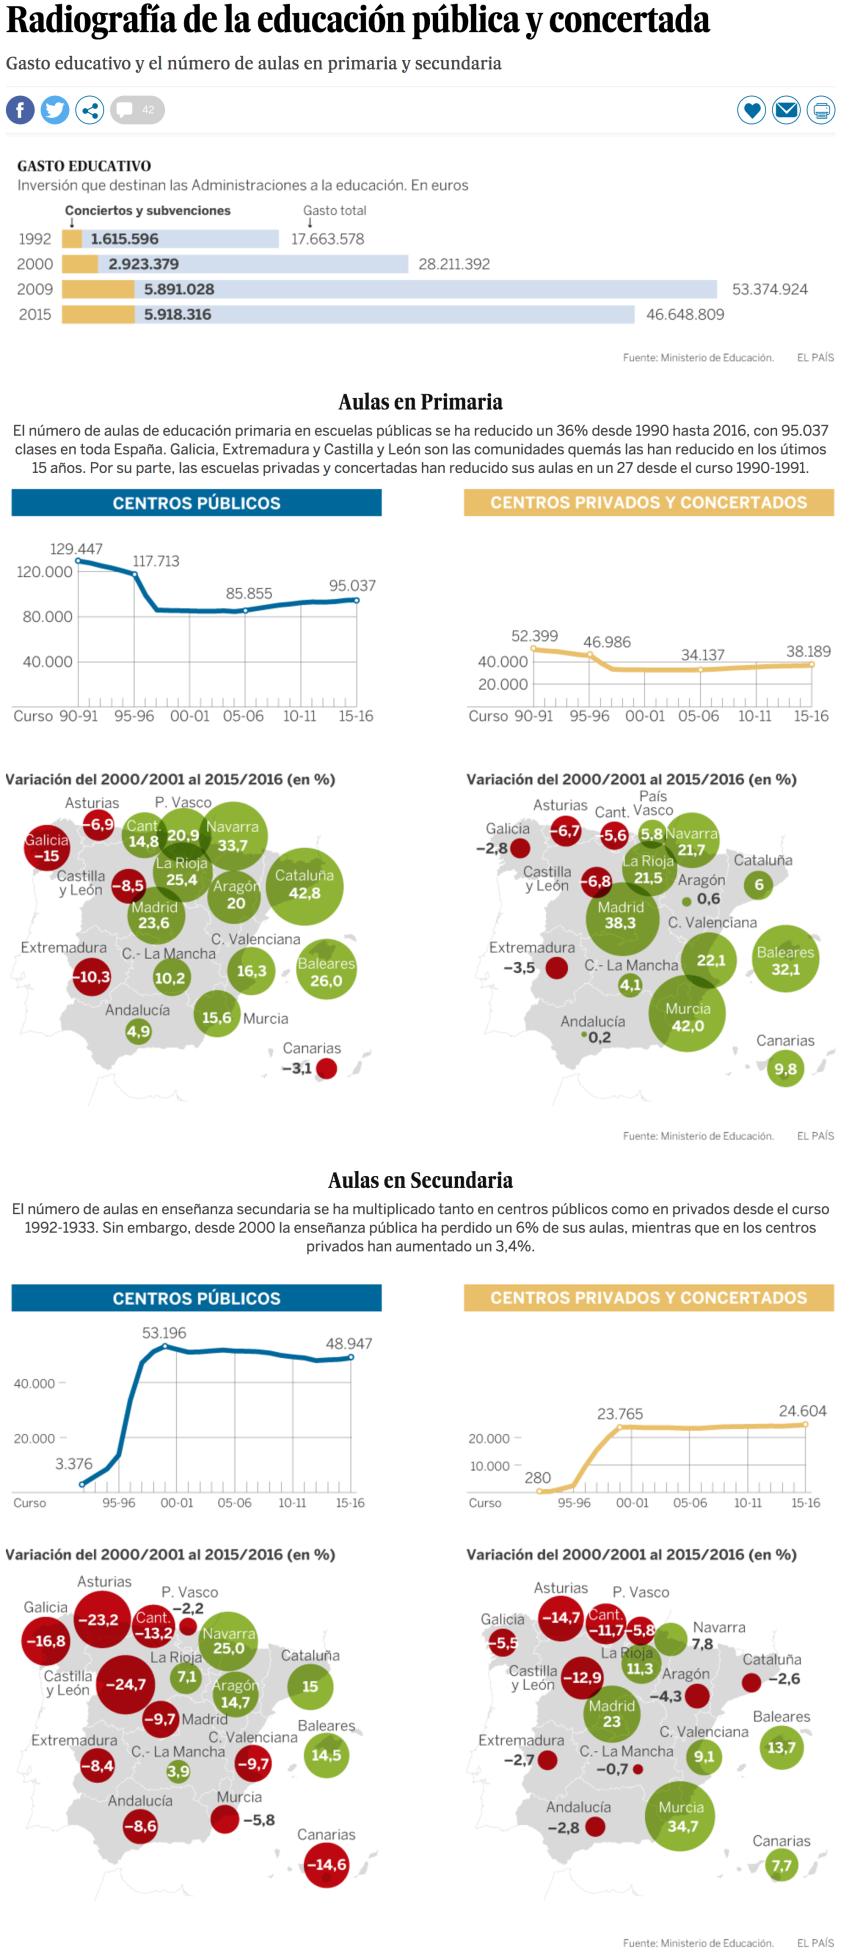 Radiografía de la educación pública y concertada en España